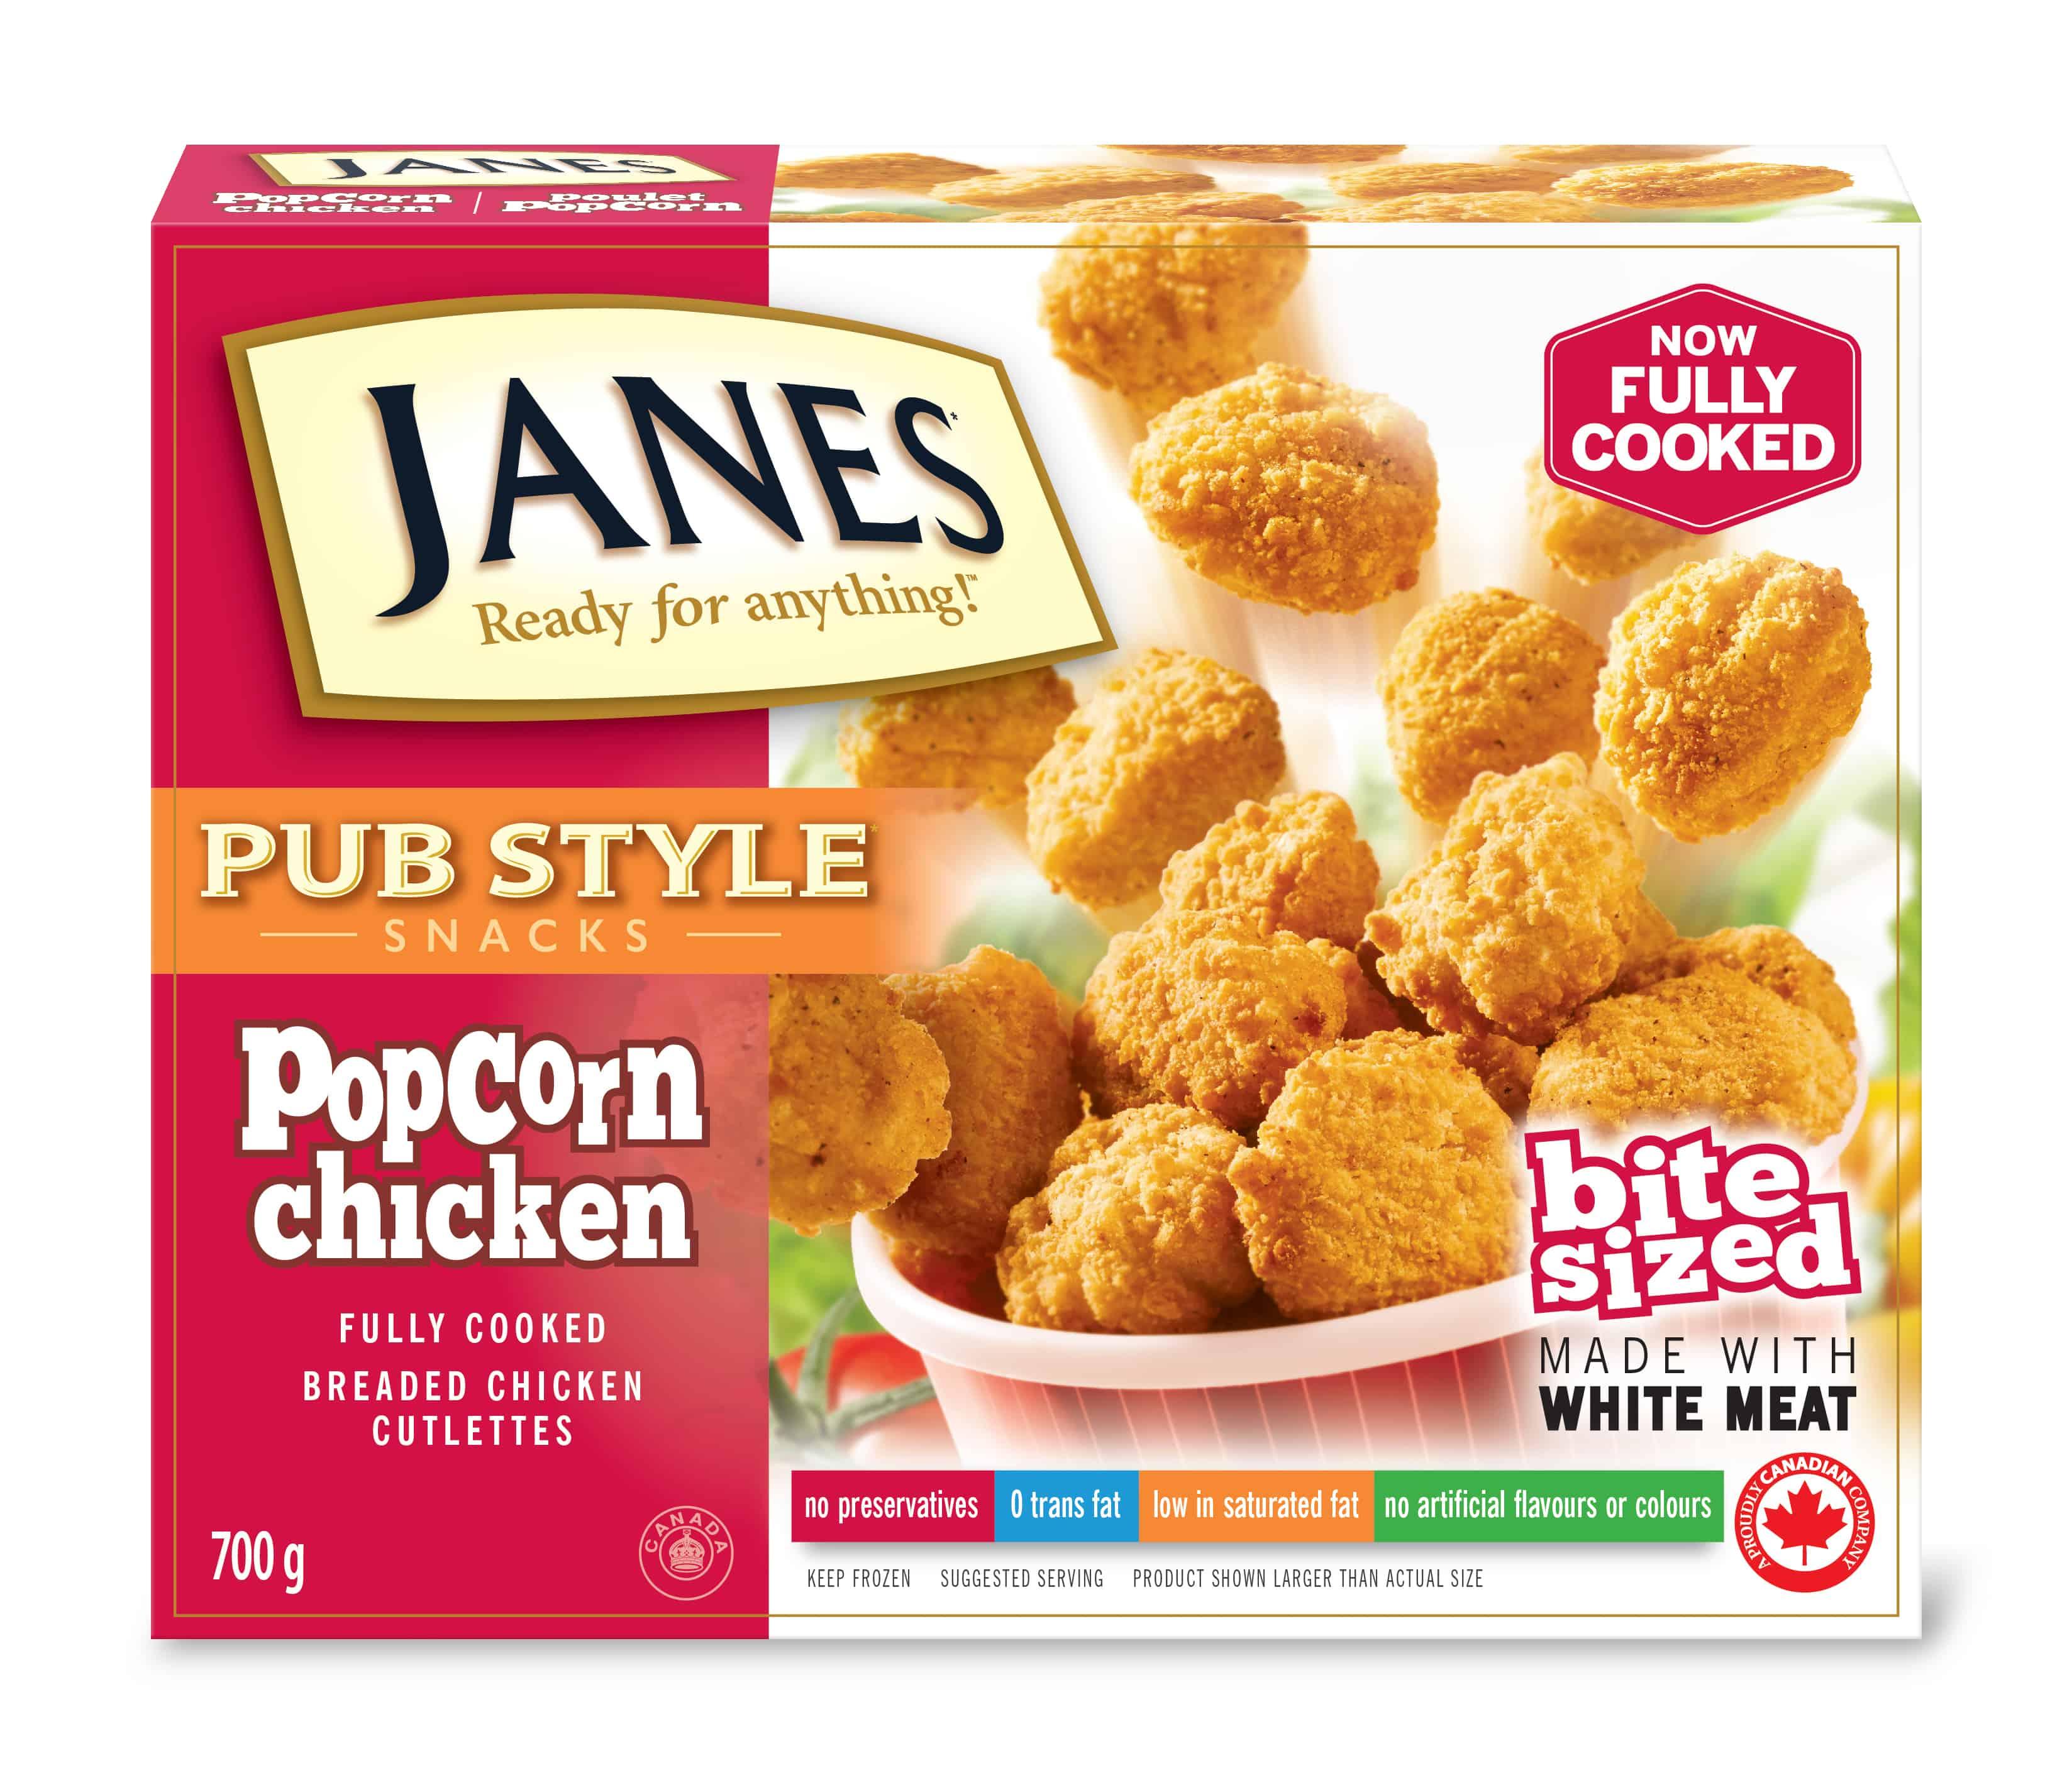 Pub Style Popcorn Chicken